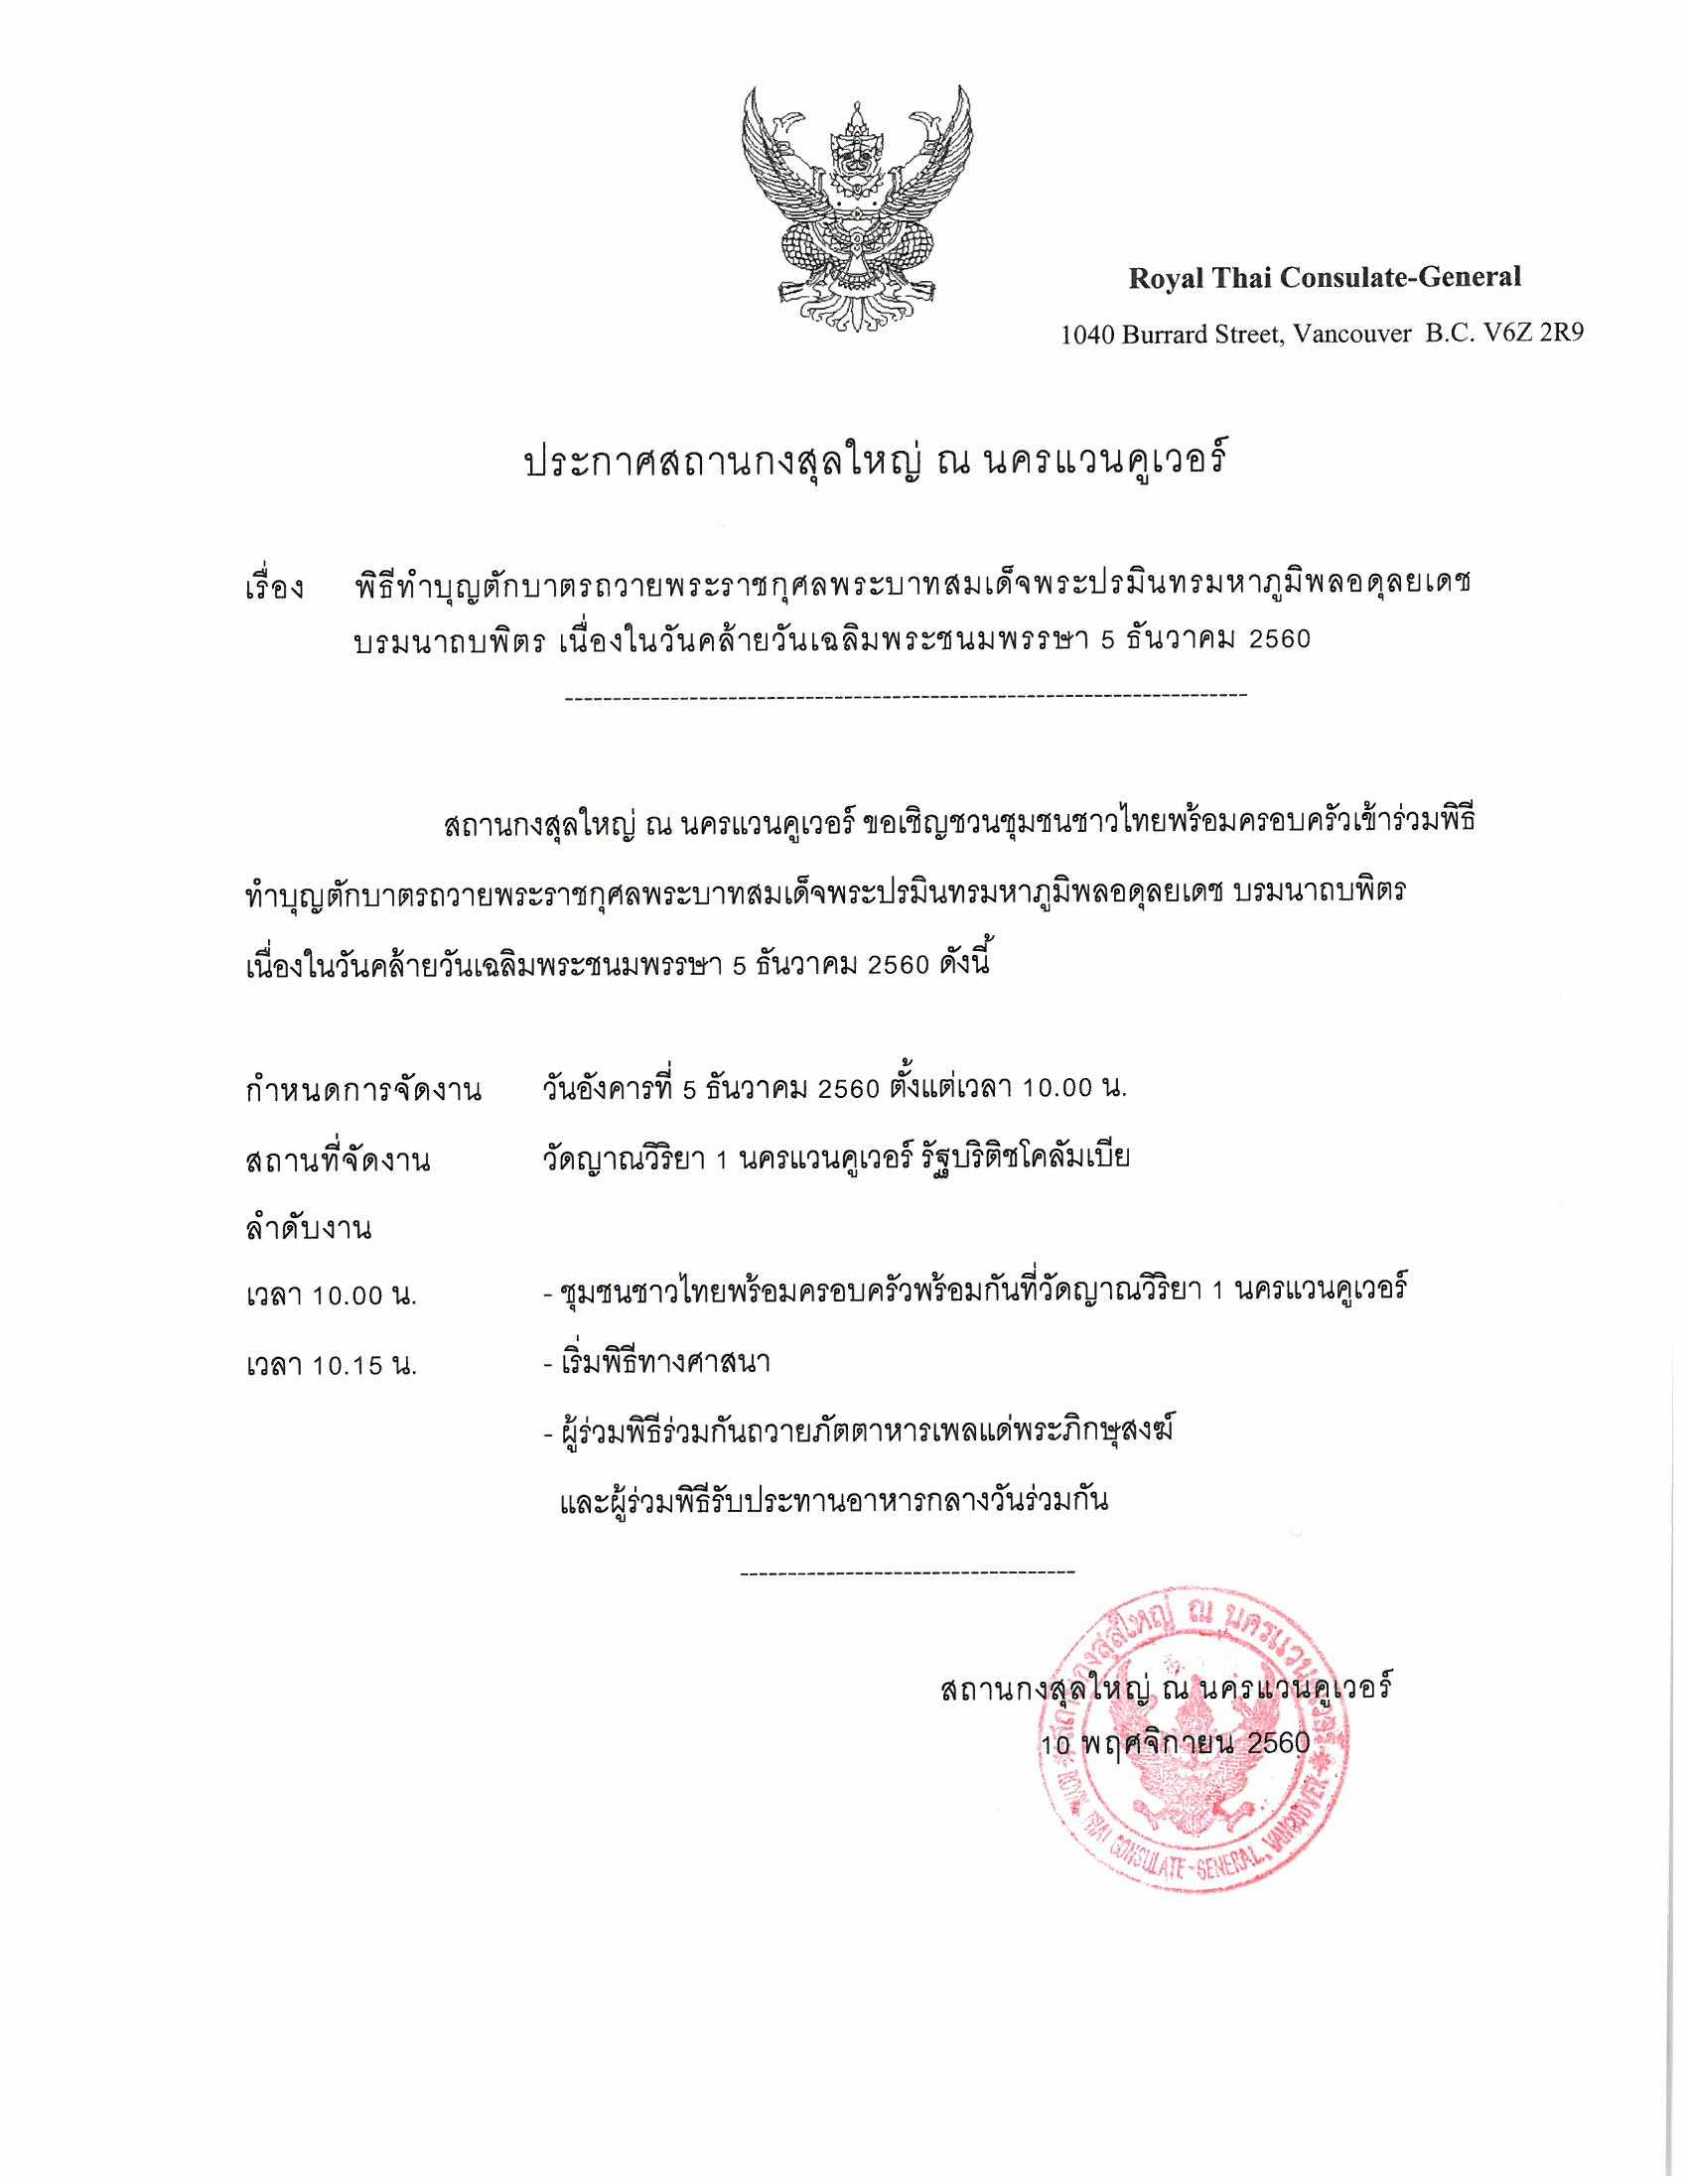 ประกาศ เรื่อง พิธีทำบุญตักบาตรถวายพระราชกุศลพระบาทสมเด็จพระปรมินทรมหาภูมิพลอดุลยเดช บรมนาถบพิตร เนื่องในวันคล้ายวันเฉลิมพระชนมพรรษา 5 ธันวาคม 2560